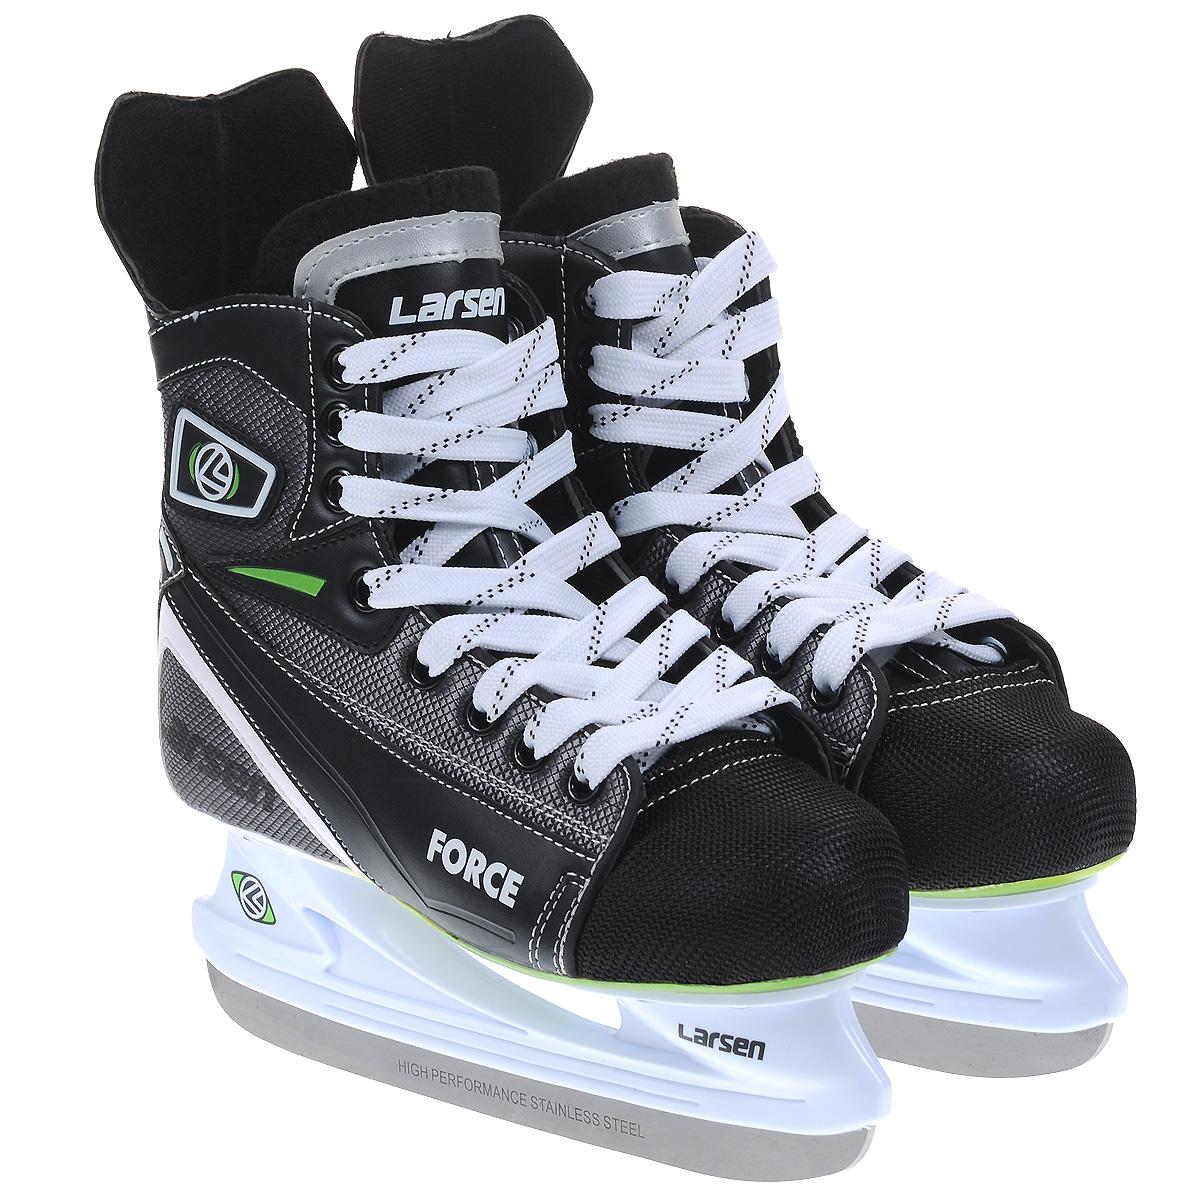 Коньки хоккейные Larsen Force, цвет: черный, серый. Размер 44